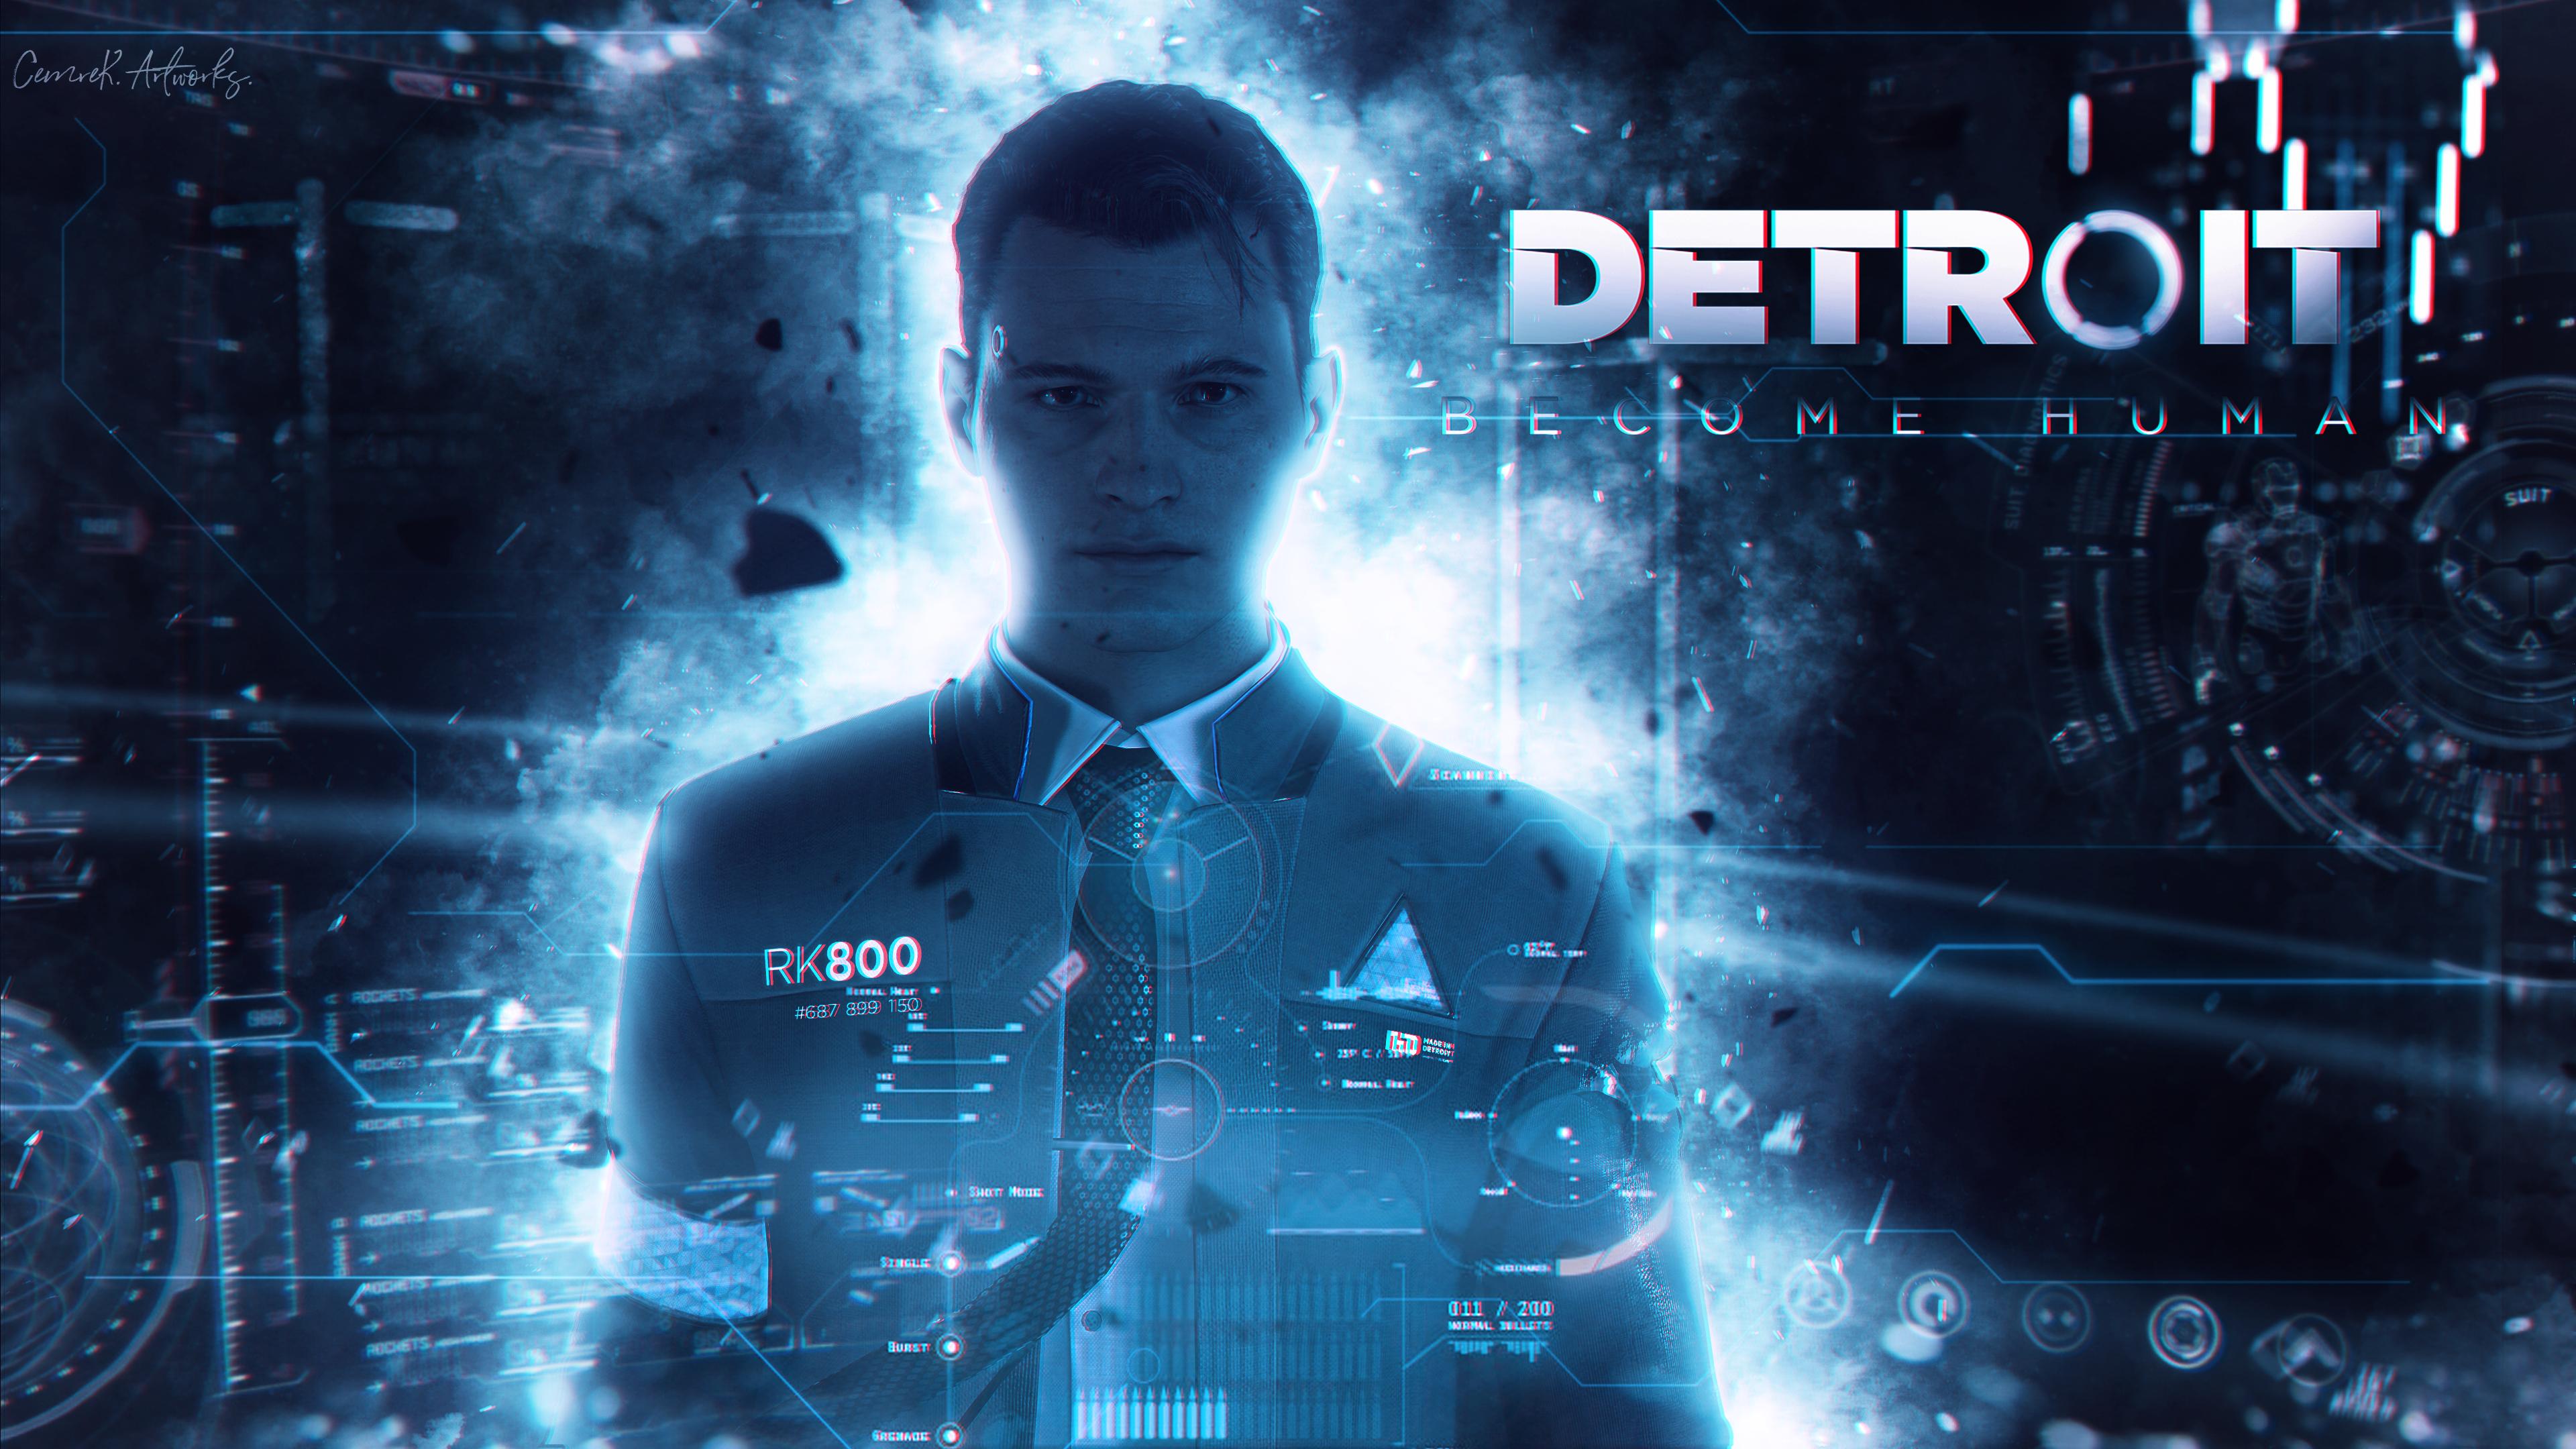 Wallpaper Detroit Become Human Games Art 3840x2160 Cyannight